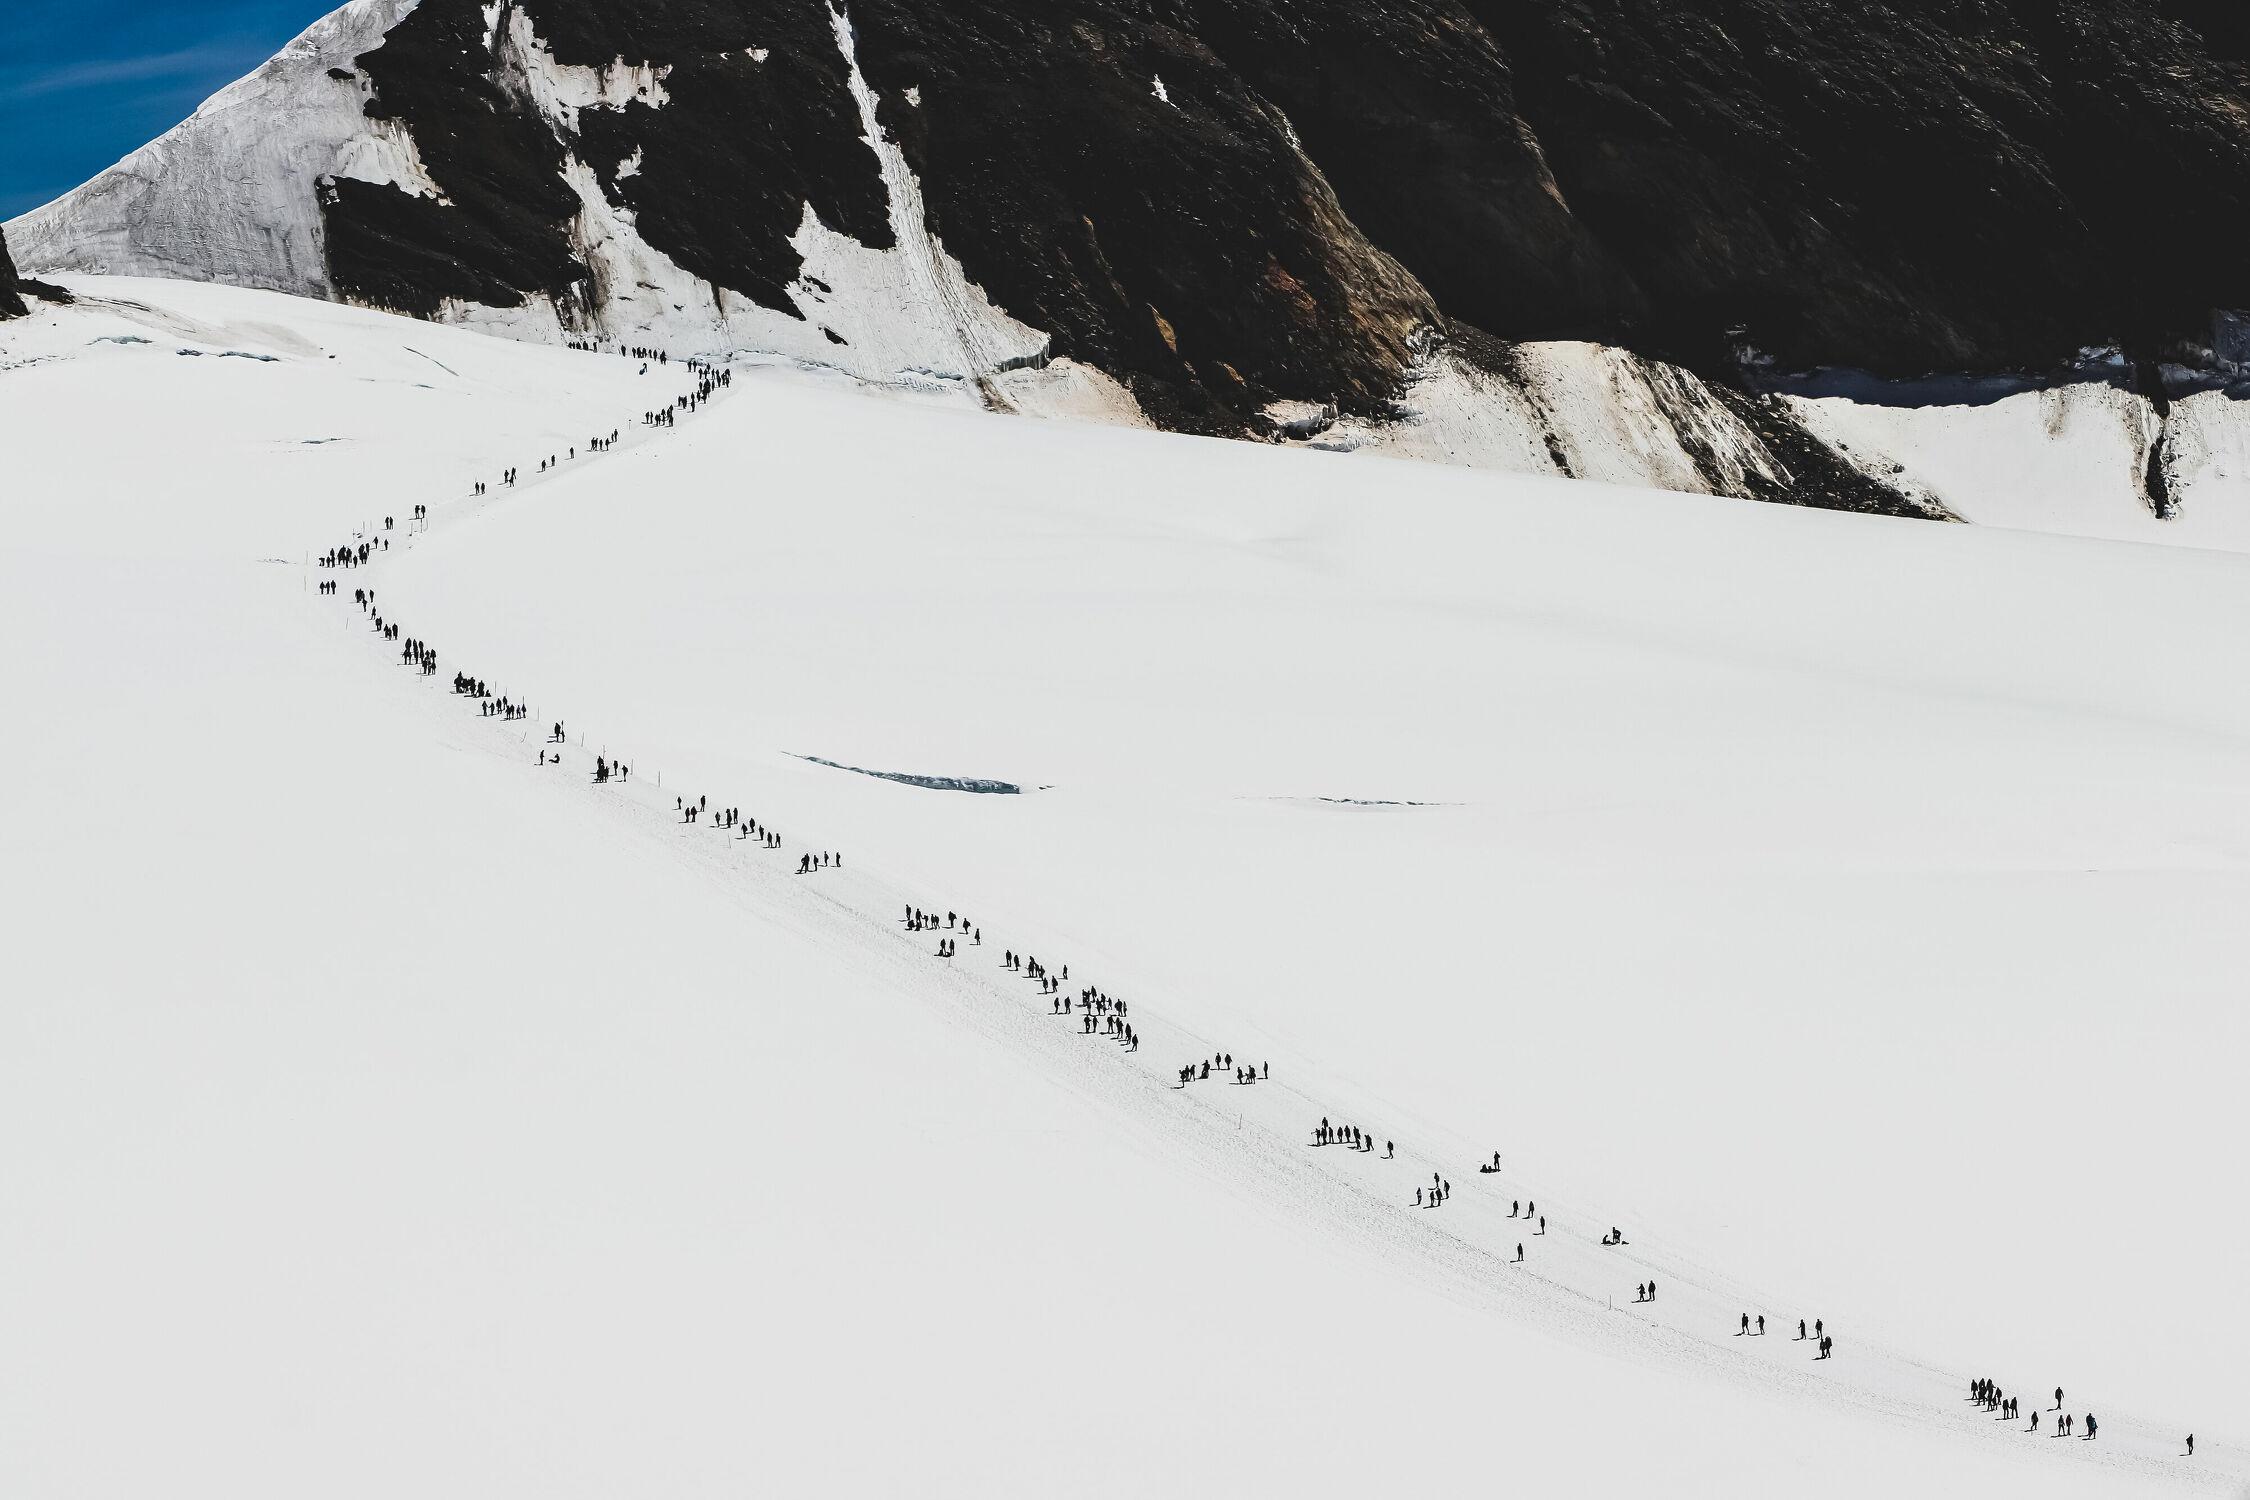 Bild mit Menschen, Natur, Berge, Schnee, Alpen, winterlandschaft, Landschaften im Winter, Schweiz, schweizeralpen, Professionell